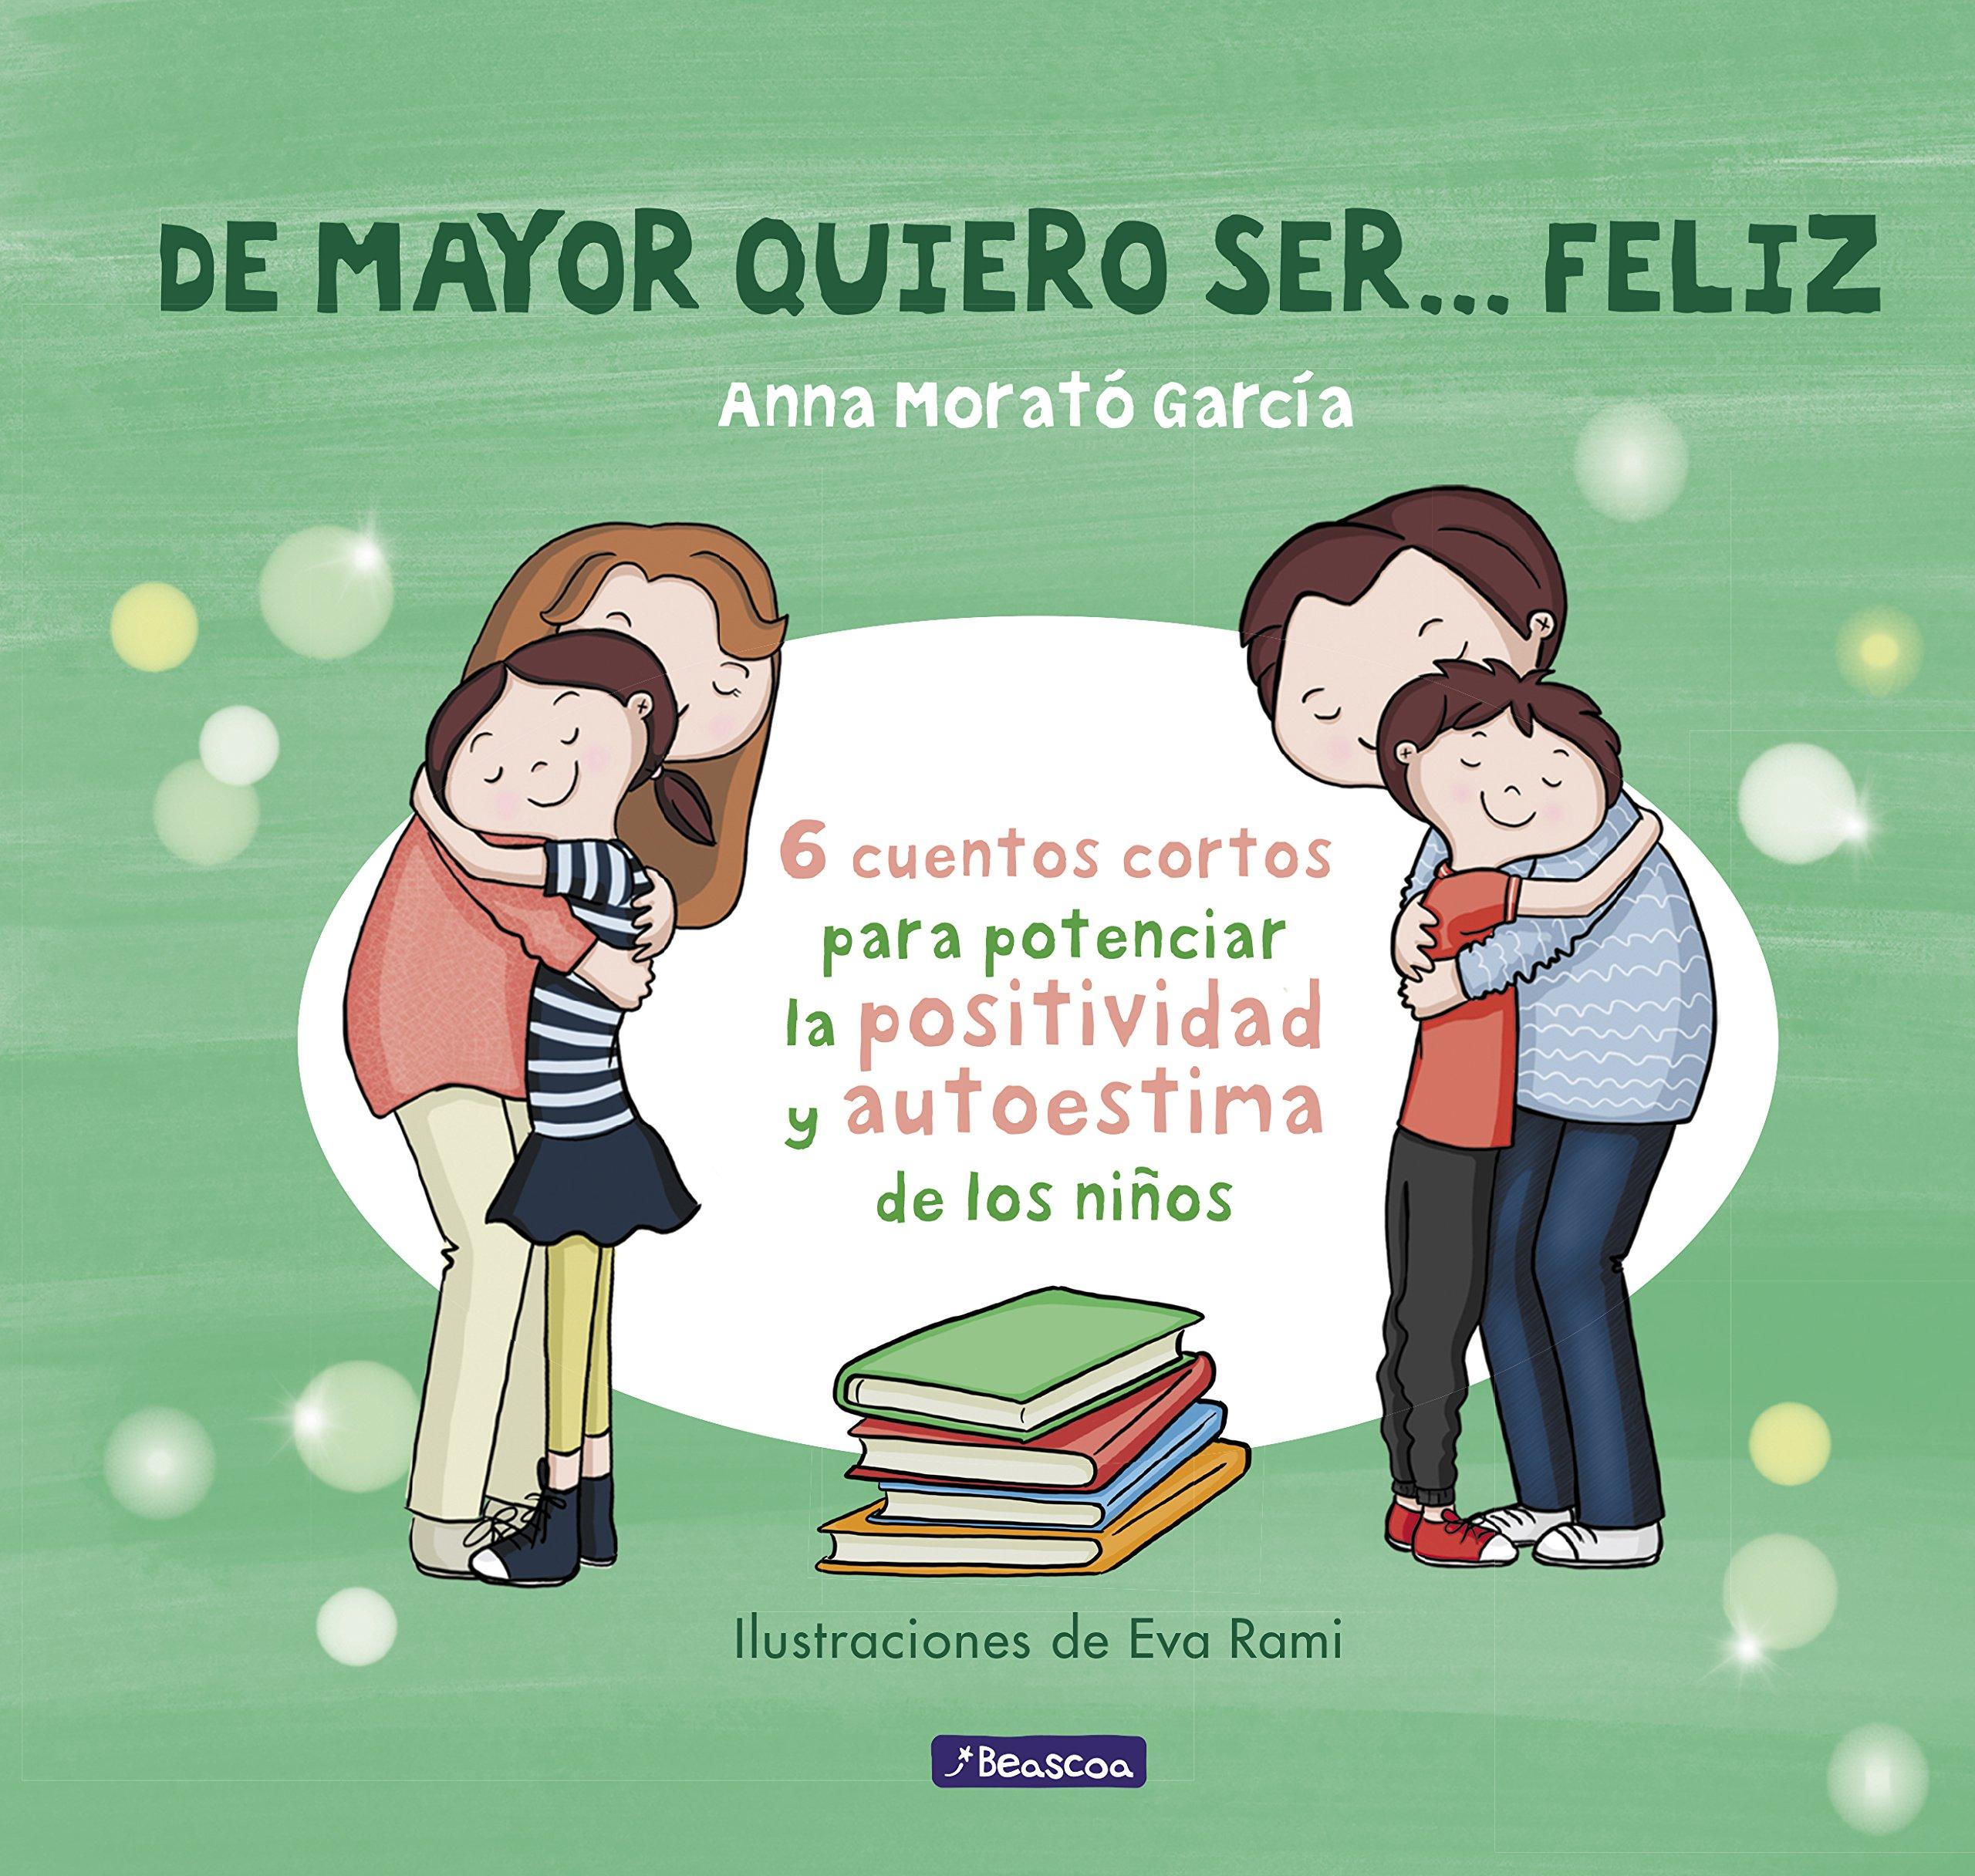 De mayor quiero ser... feliz: 6 cuentos para potenciar la positividad y autoestima de los niños Emociones, valores y hábitos: Amazon.es: Anna Morato García: Libros